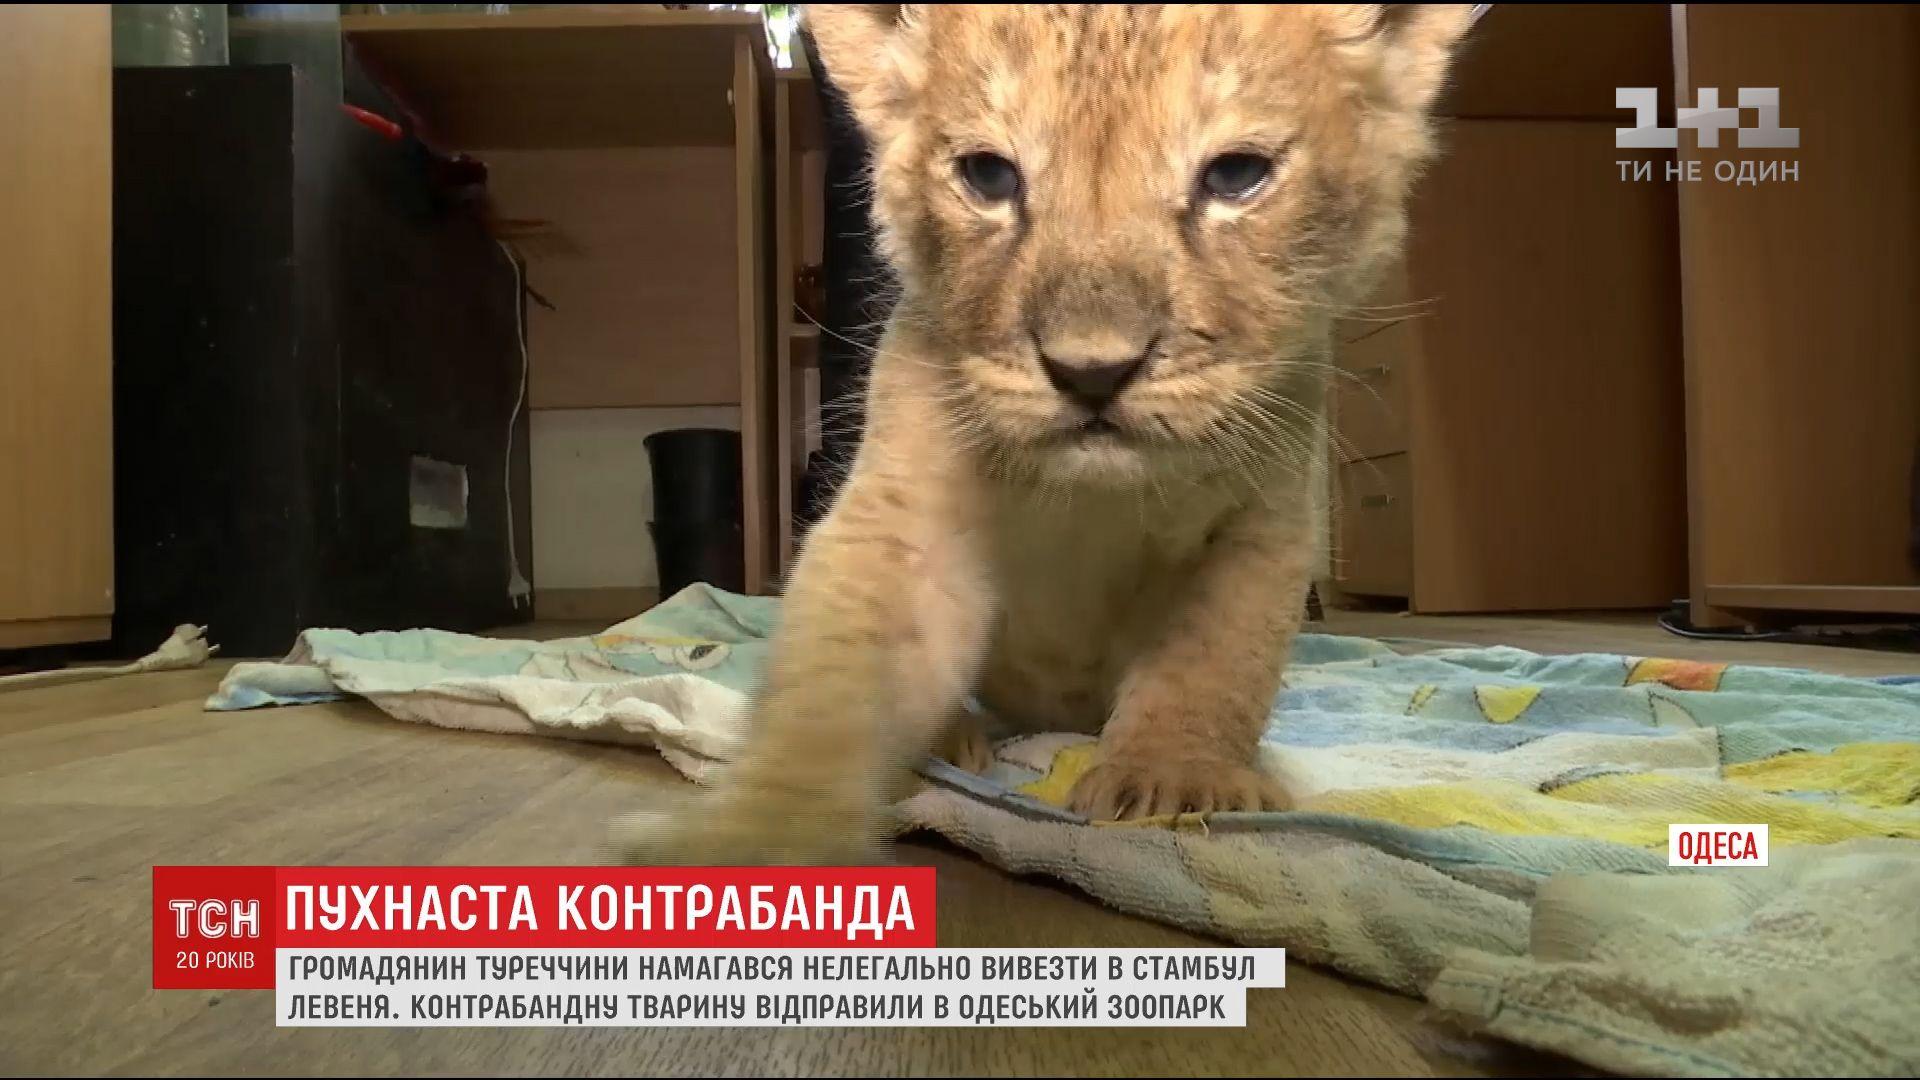 ВЧерноморском порту таможенники среди тыс. попугаев отыскали крошечного львенка